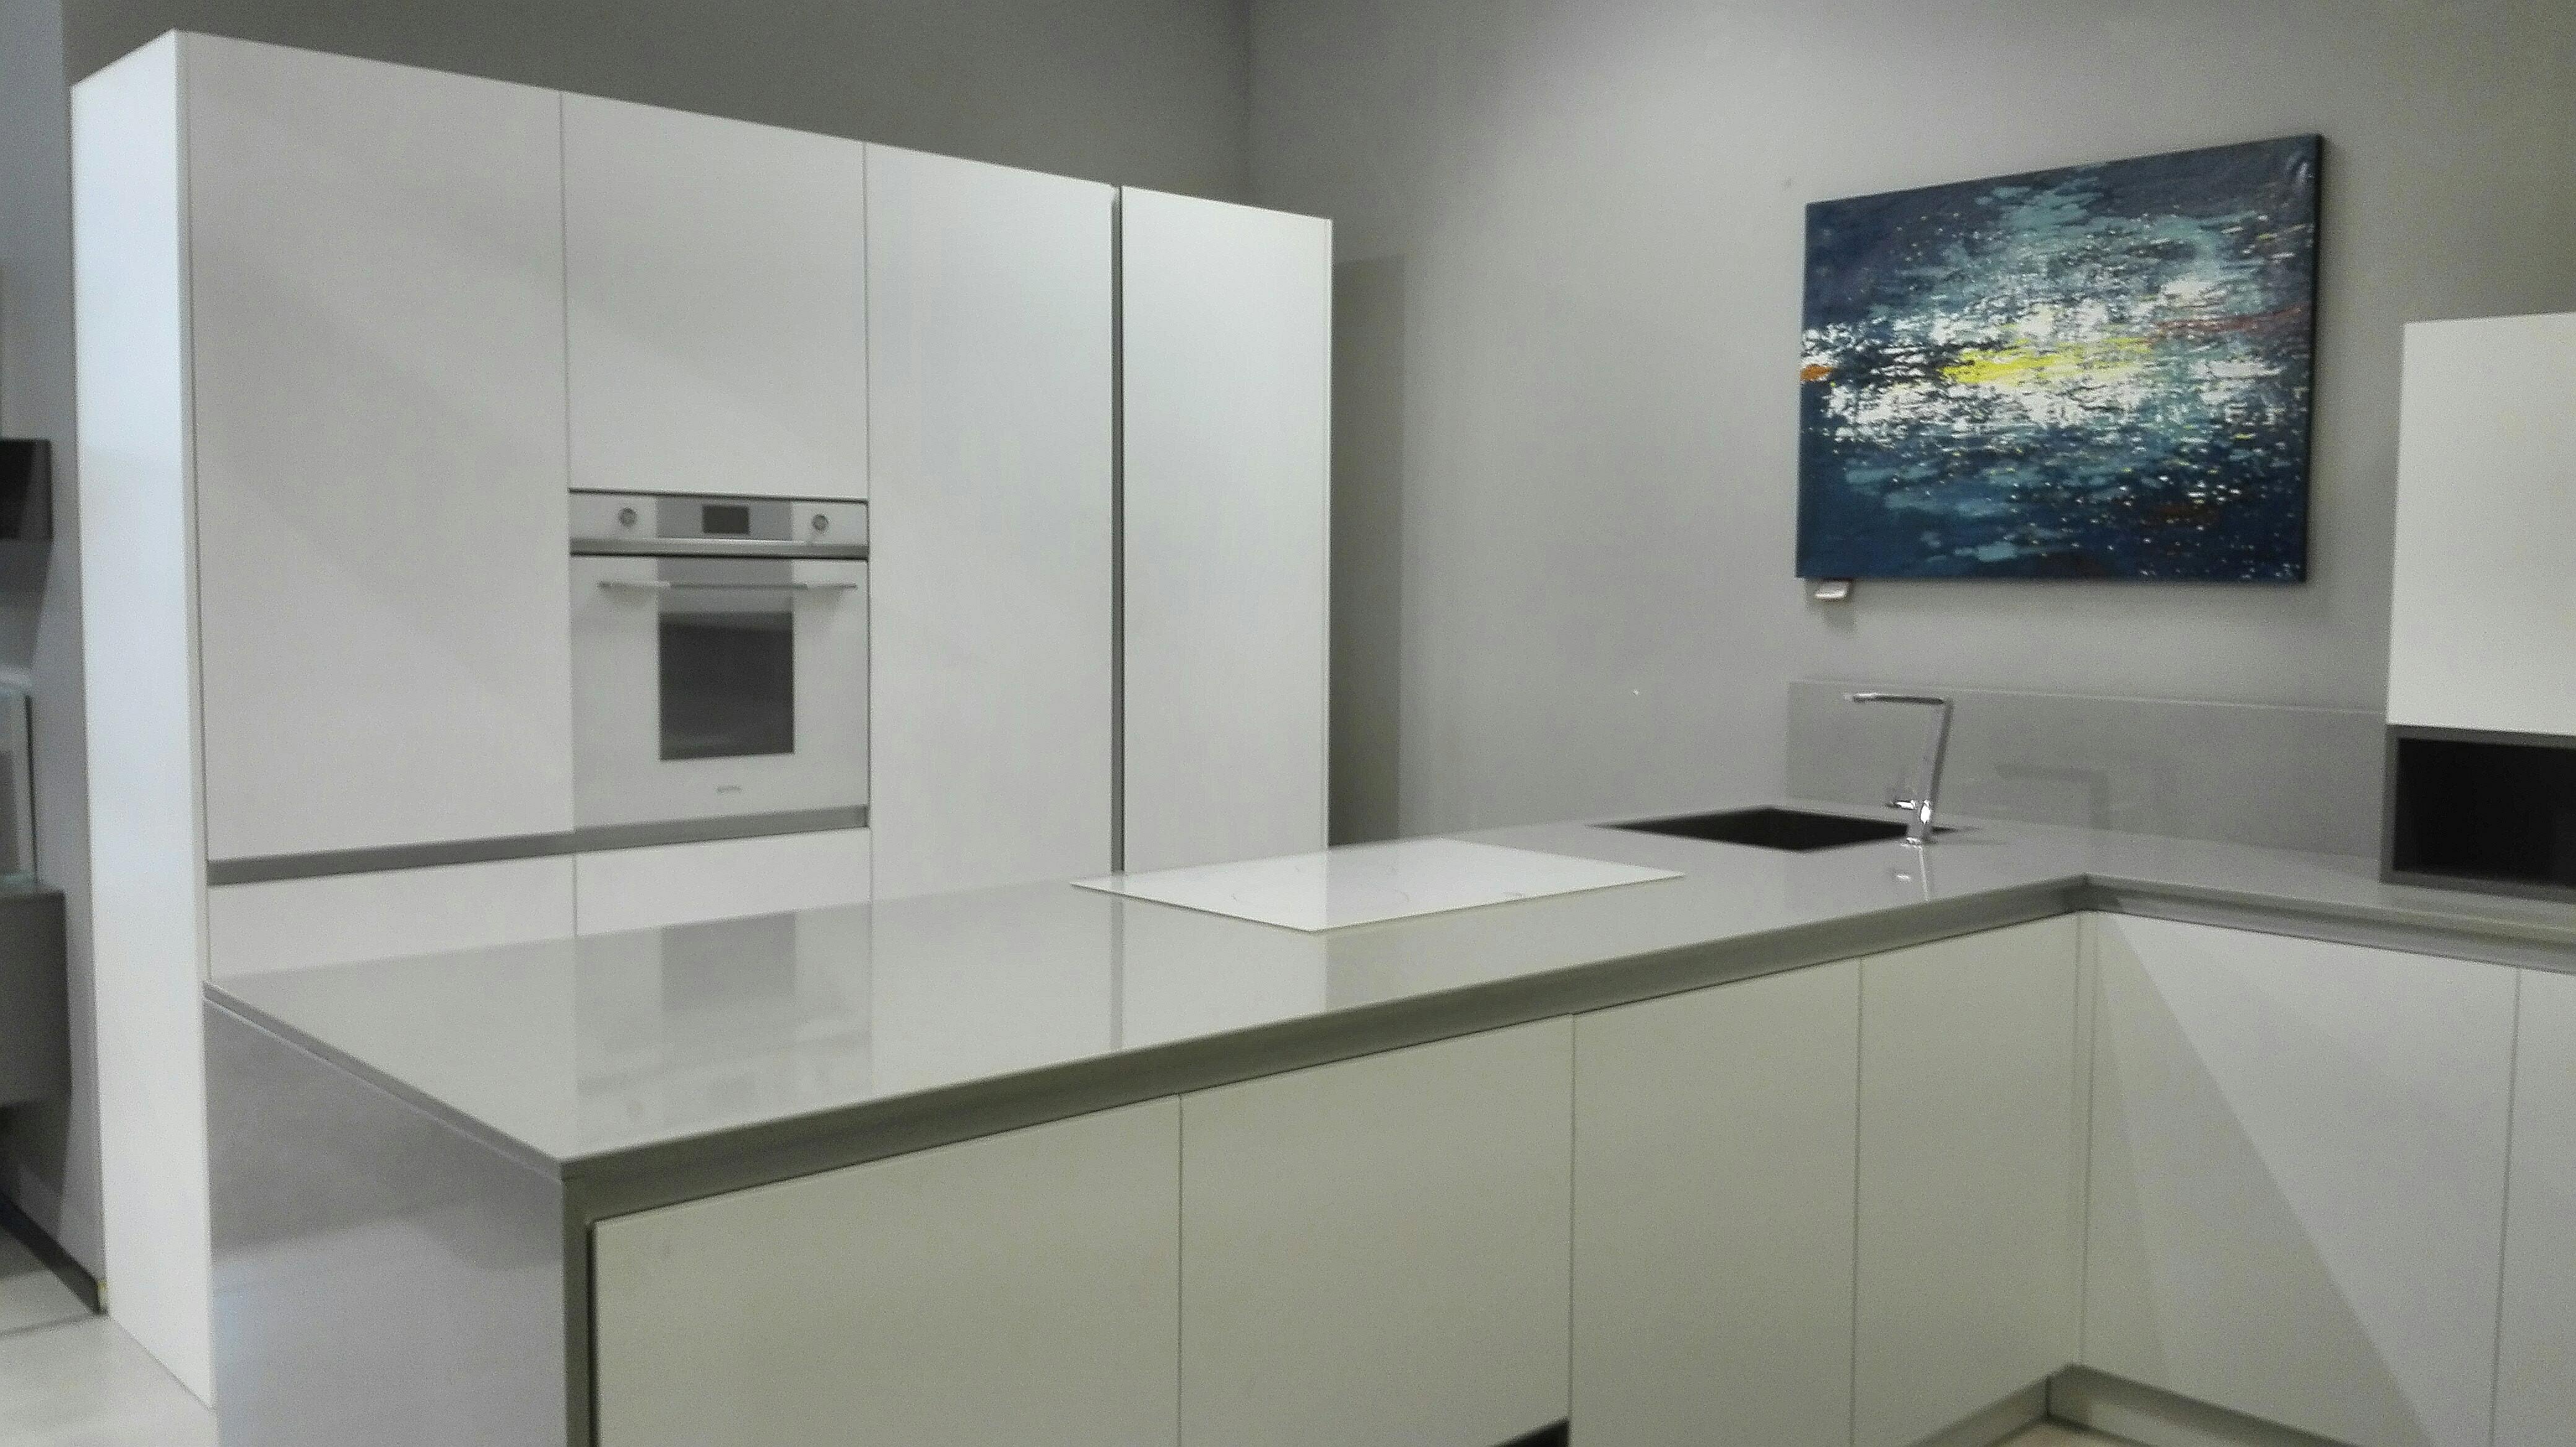 Okite Opinioni. Good Cucine Veneta Opinioni Idee Di Design Per La ...